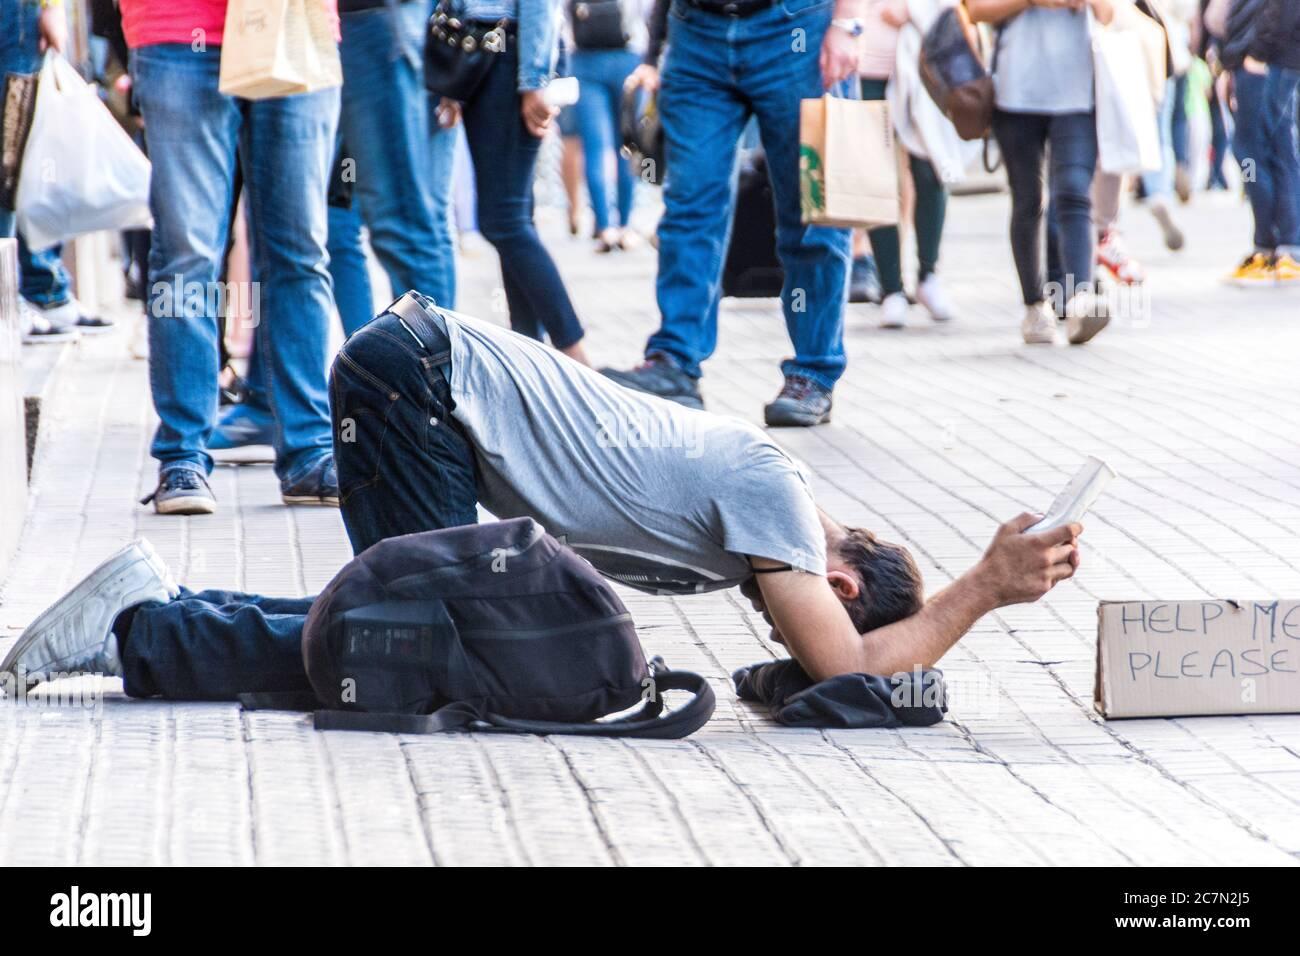 Un jeune homme sans abri avec un retour avec un panneau indiquant, 'Aidez-moi s'il vous plaît,' Barcelone, Espagne. Banque D'Images